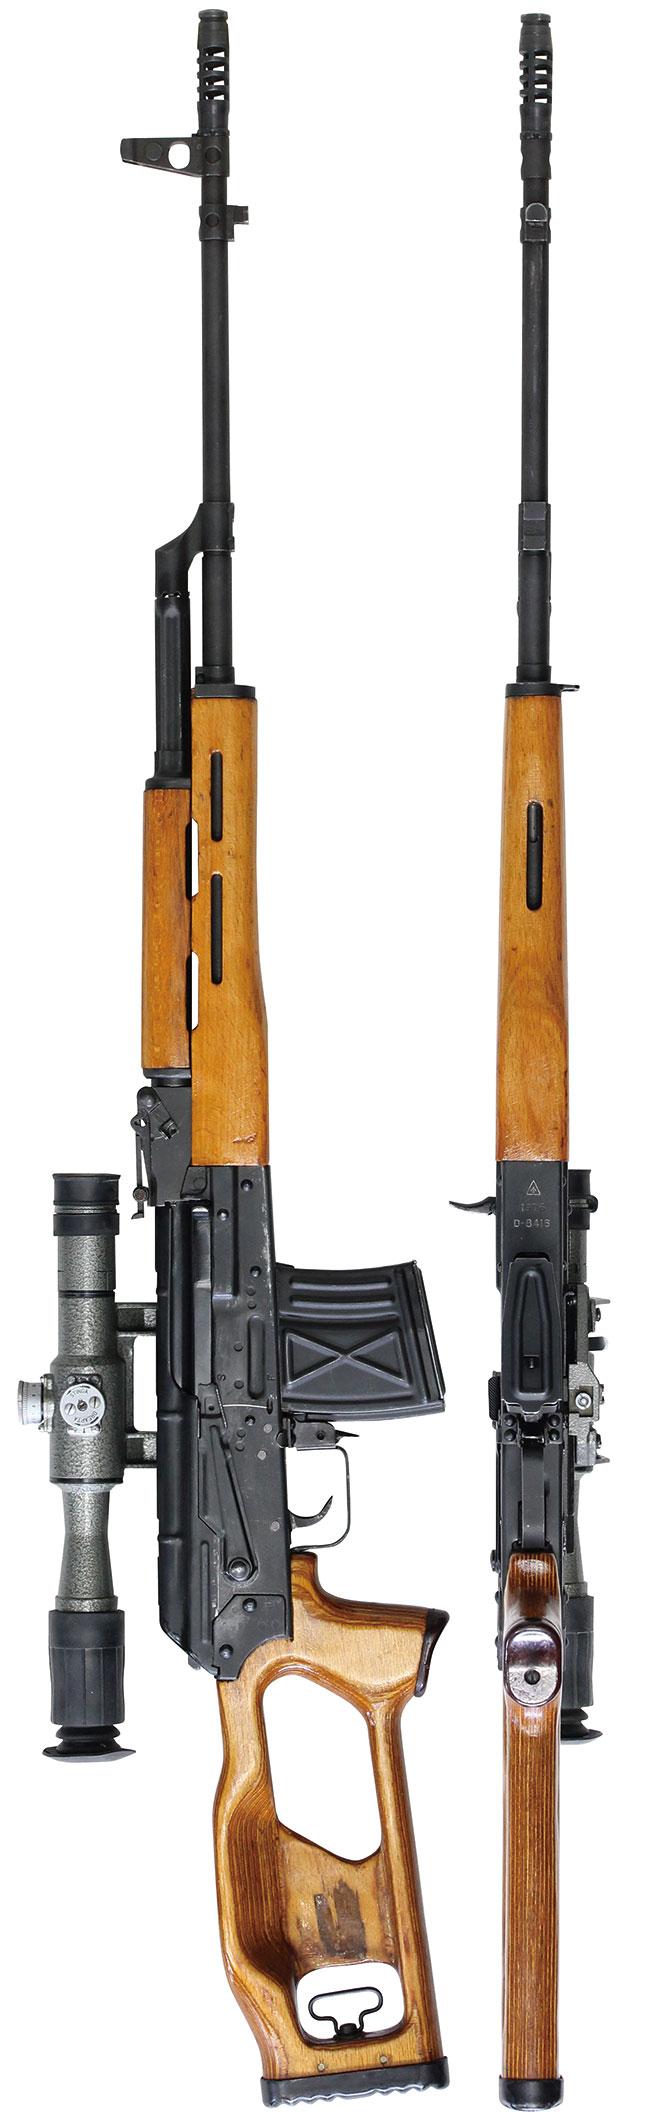 【5768】ルーマニア-FPK-狙撃銃-(#D-8416)右.jpg